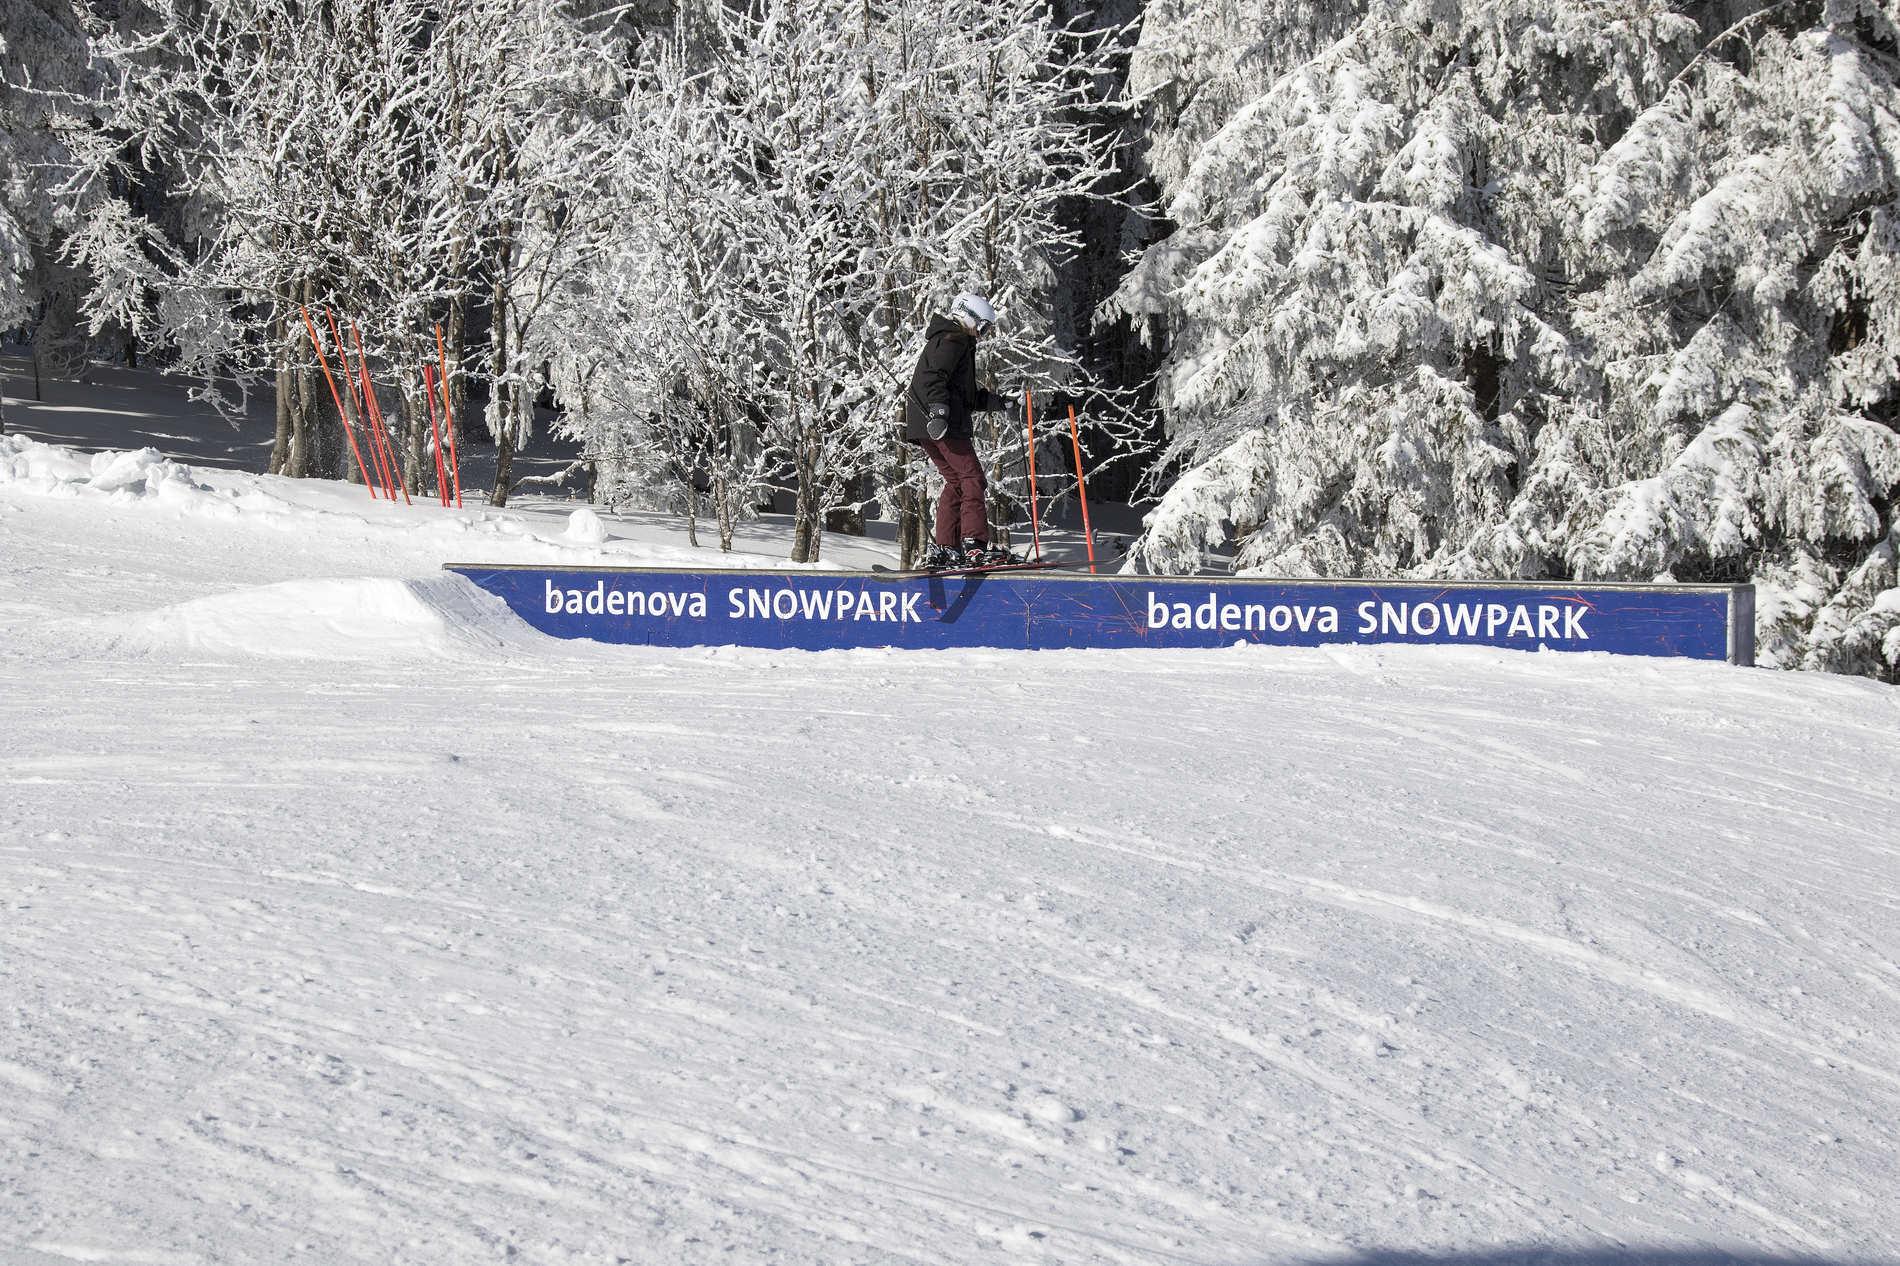 snowpark feldberg 24 02 2018 action fs lina martin herrmann qparks 13